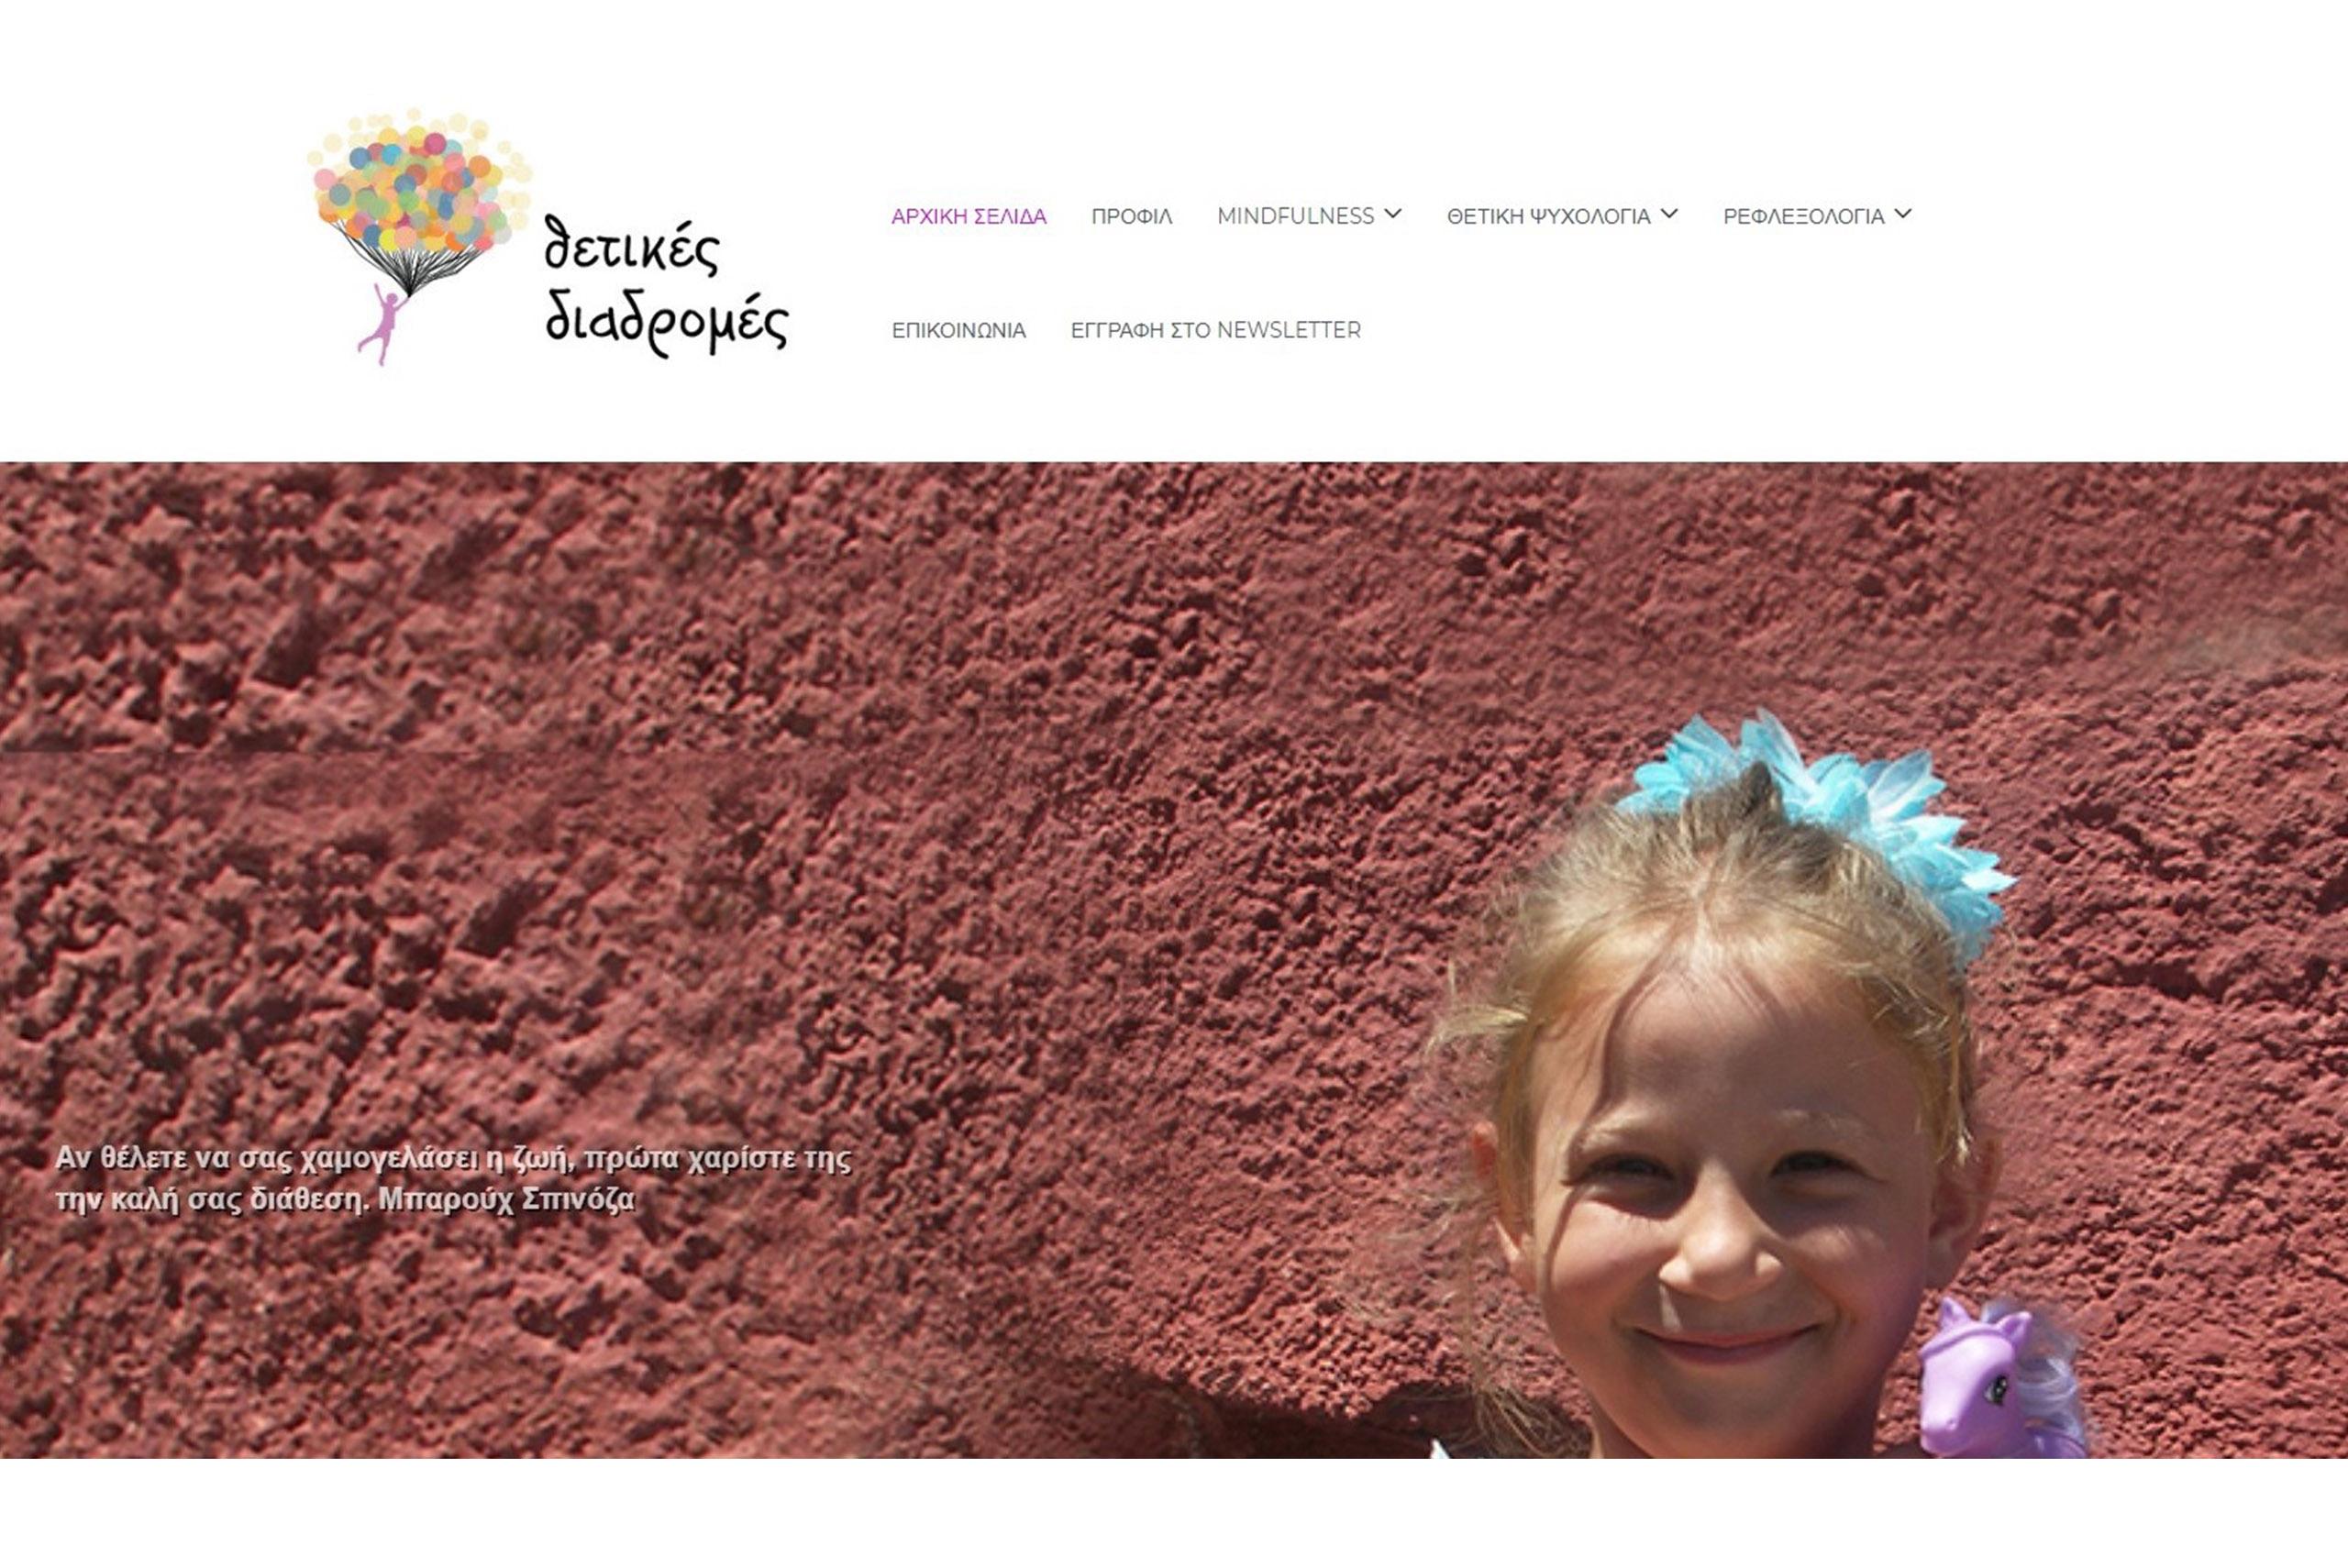 θετικες διαδρομες site home page